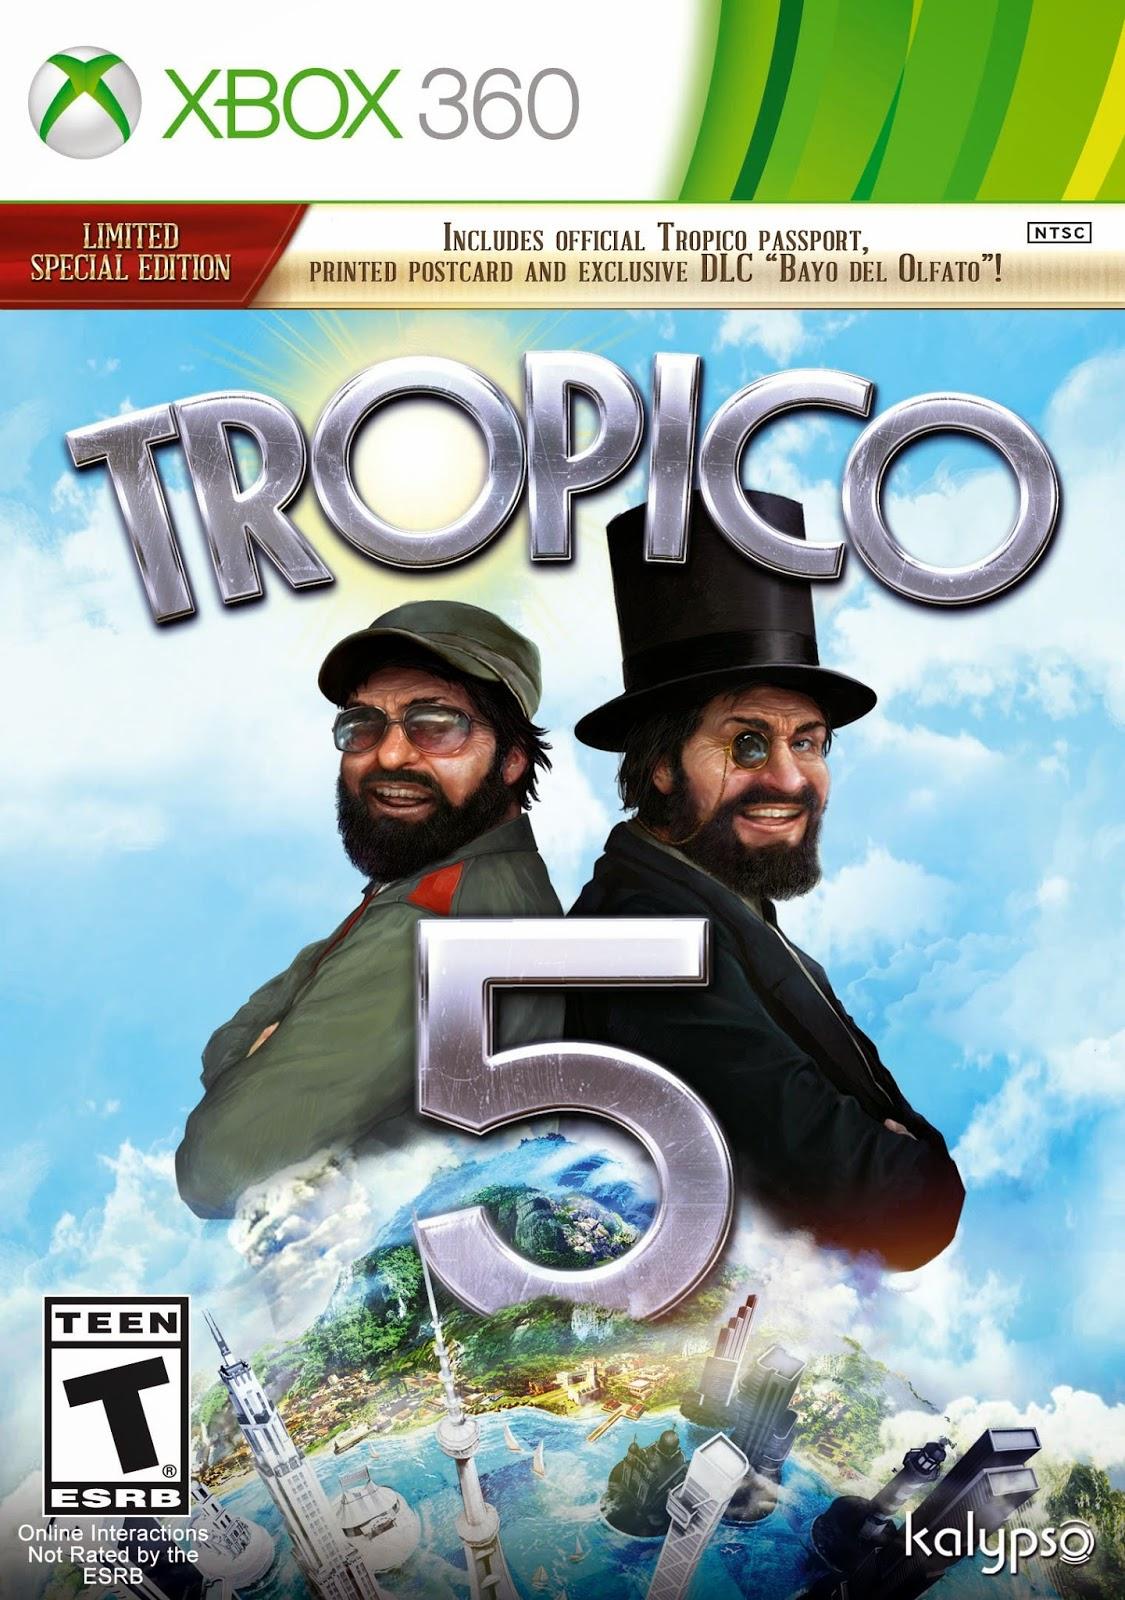 Tropico 5 XBOX 360 Cover Caratula